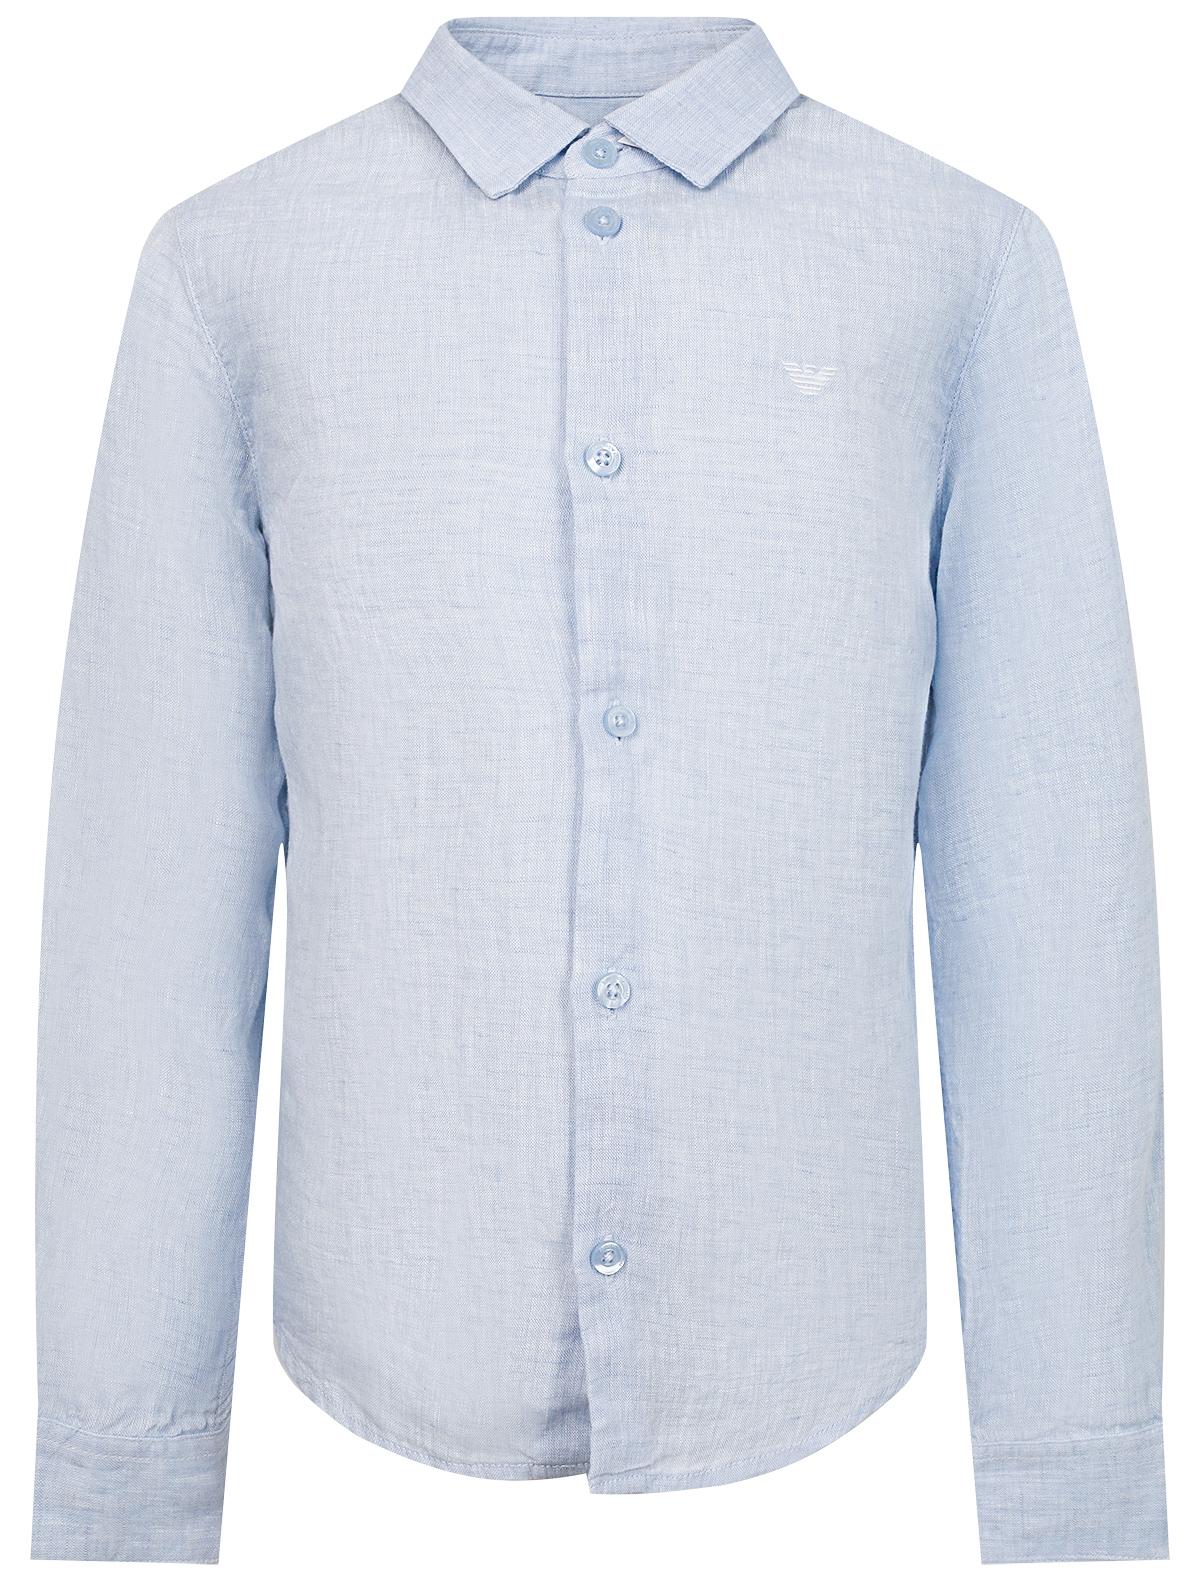 Купить 2168334, Рубашка Armani Junior, голубой, Мужской, 1014519070088